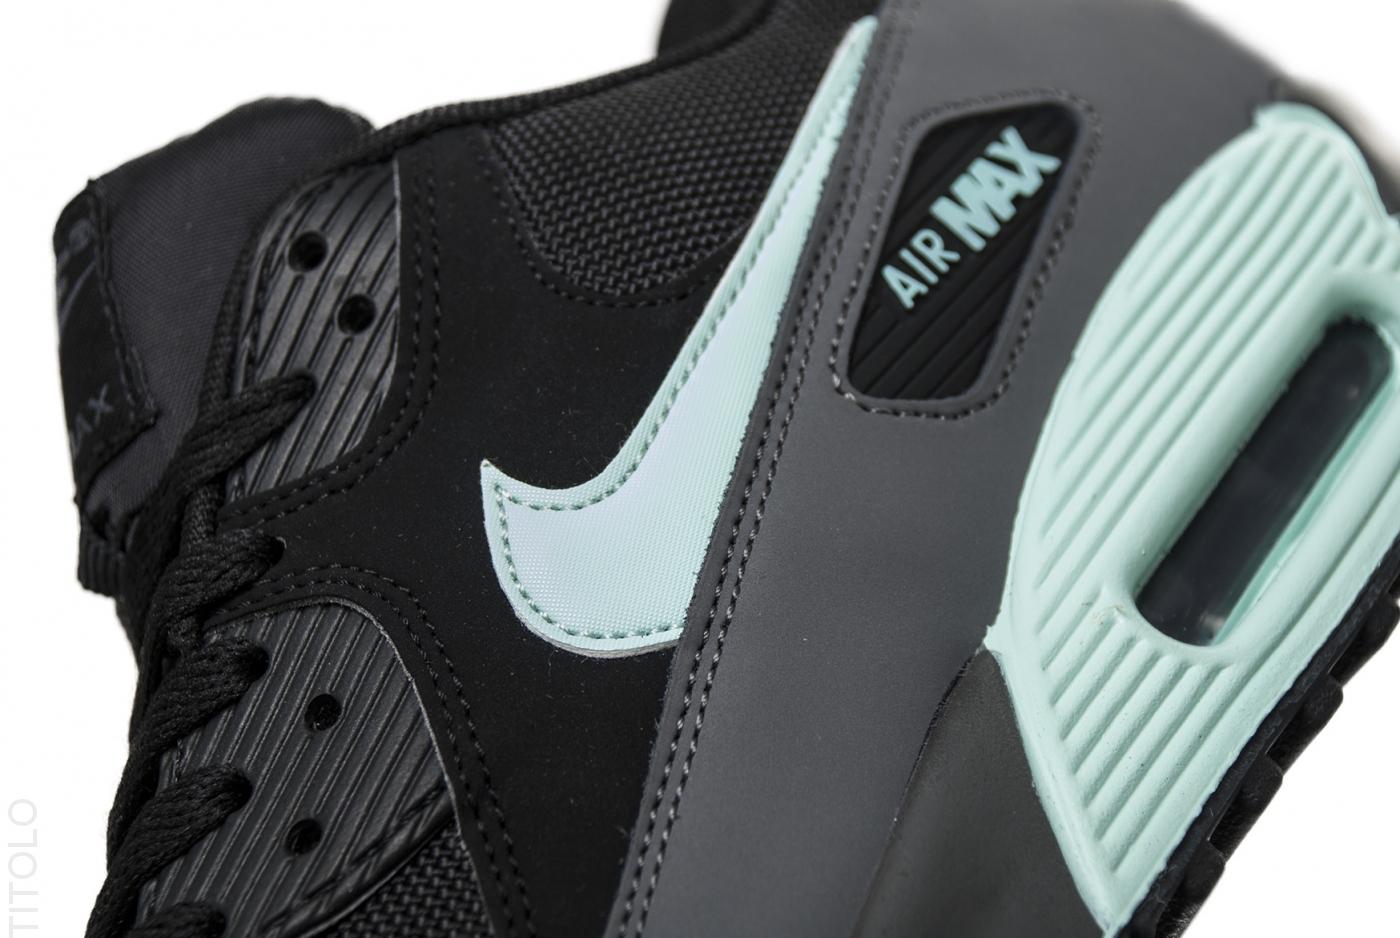 Nike Air Max 90 Ultra 2.0 Essential Black Mint Foam Black